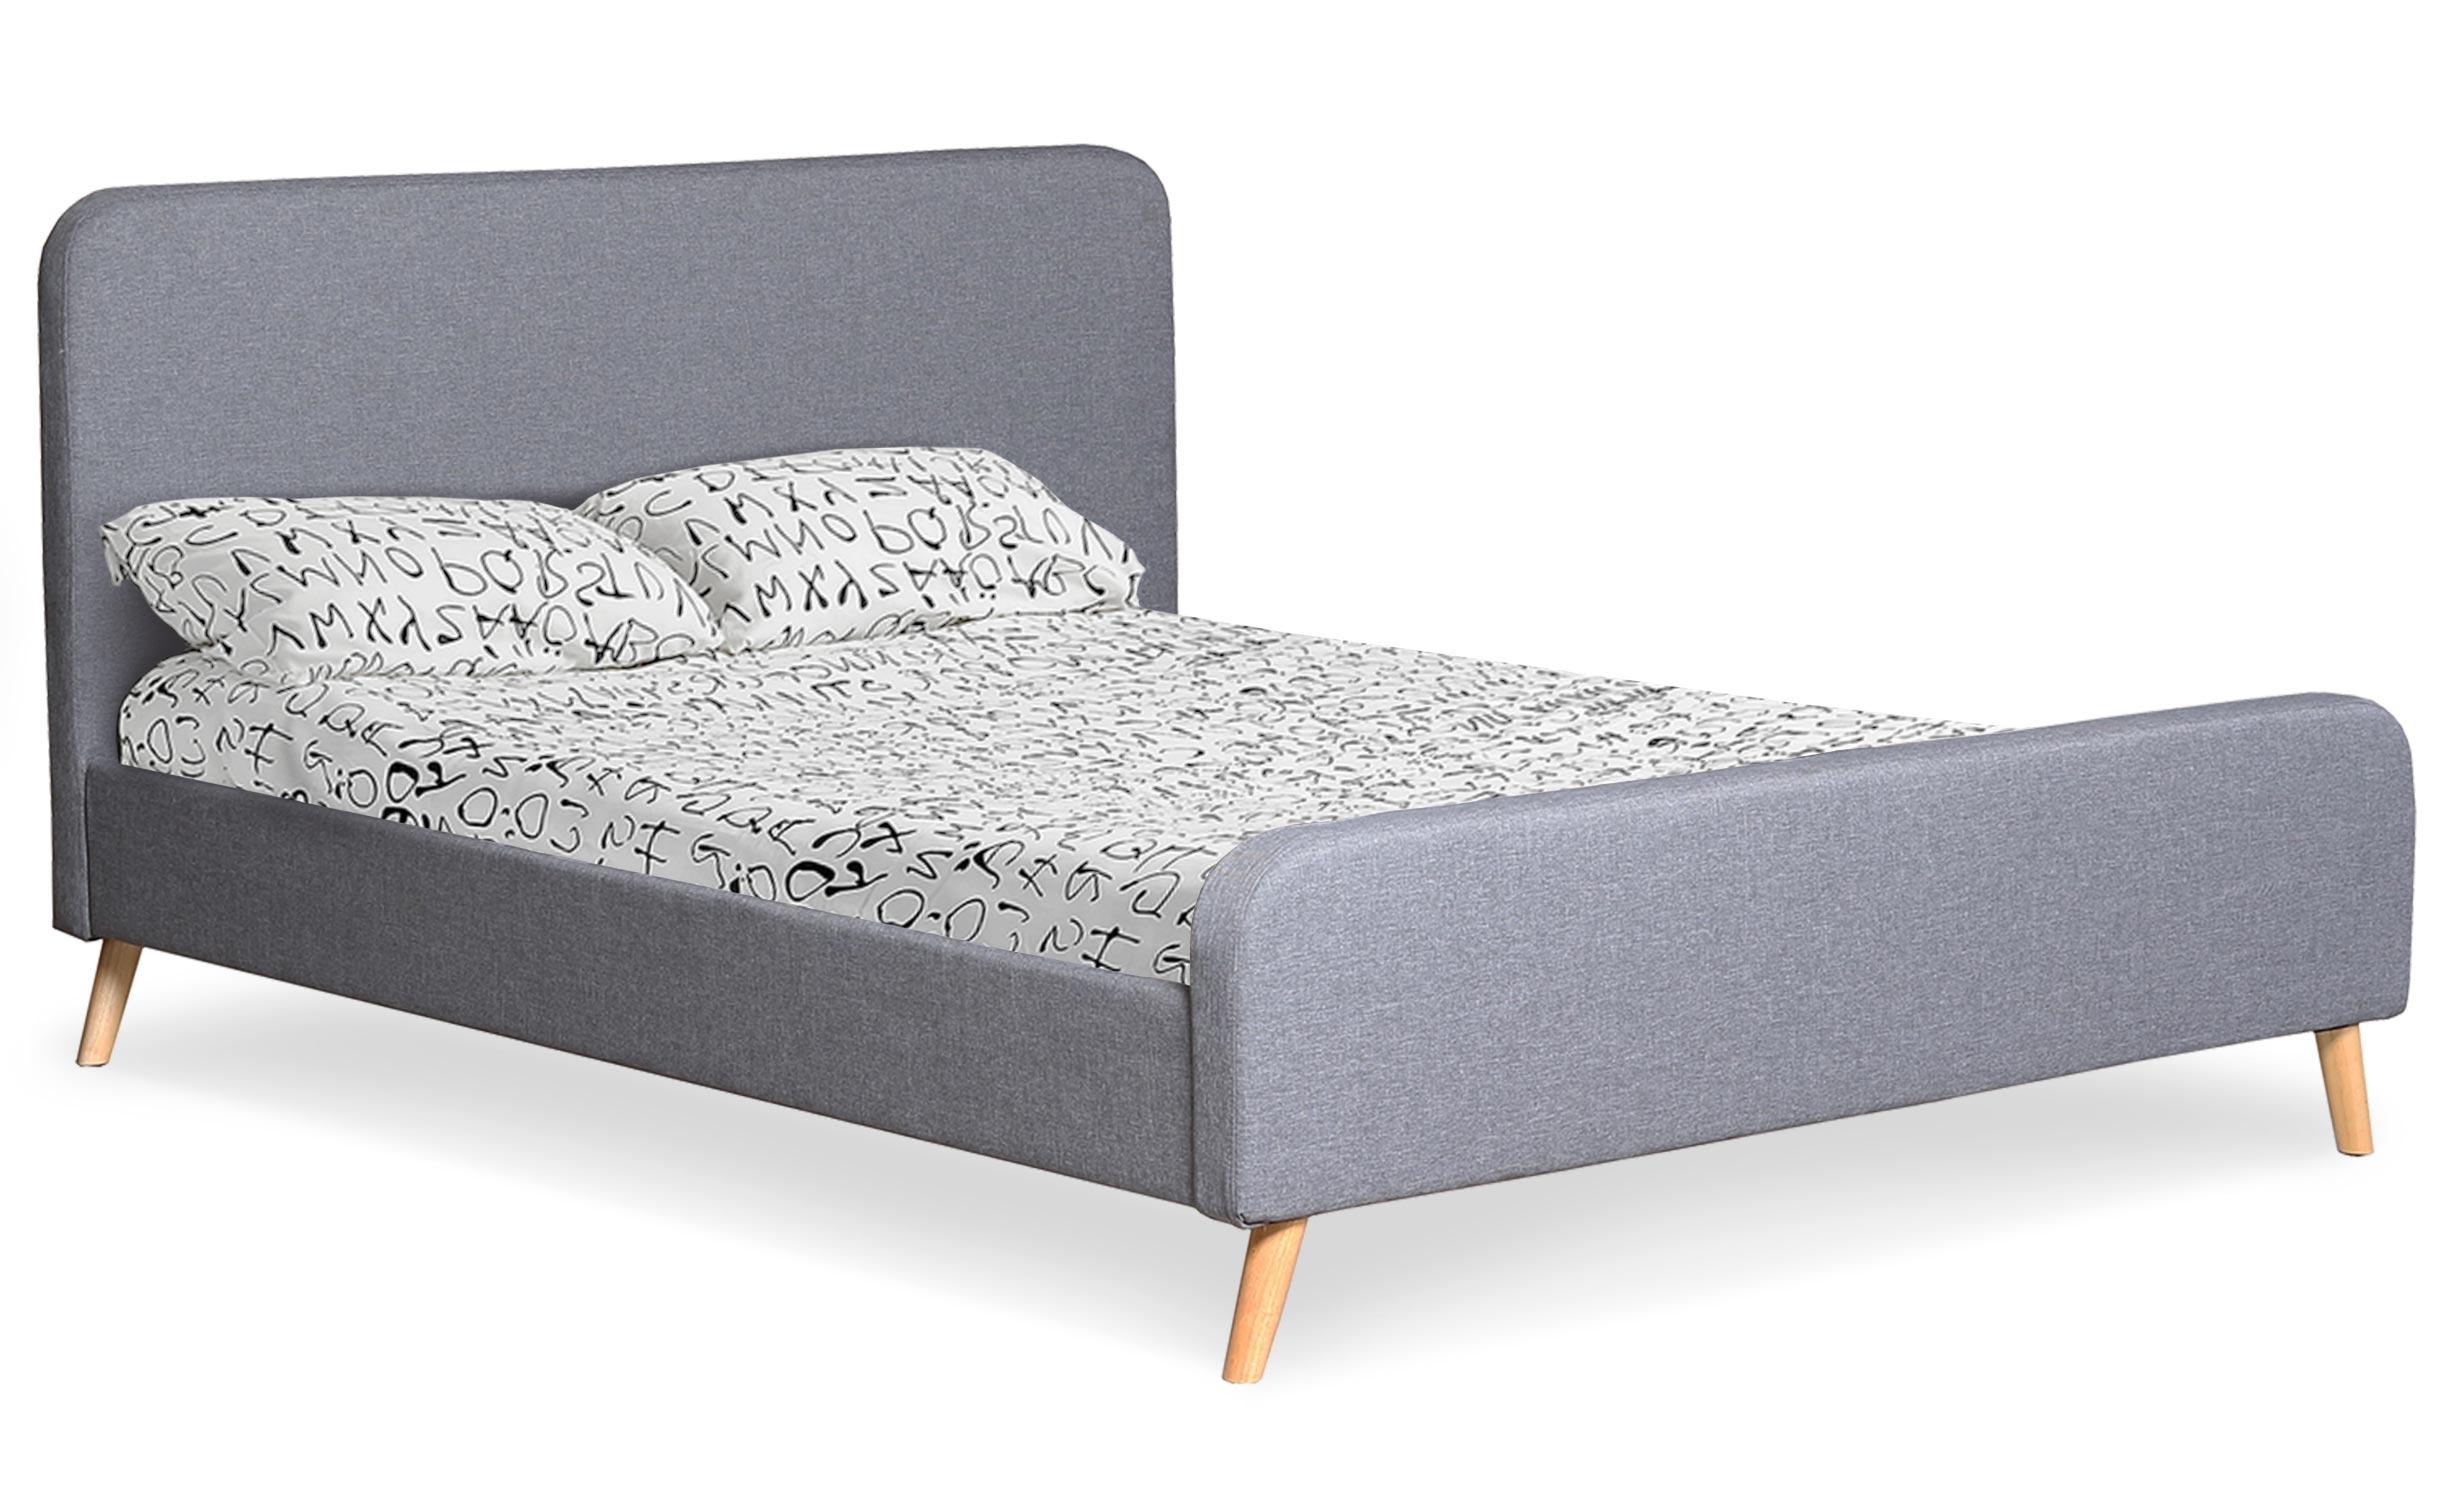 Lit scandinave avec tête de lit et sommier 160 x 200cm Nebula Tissu Gris